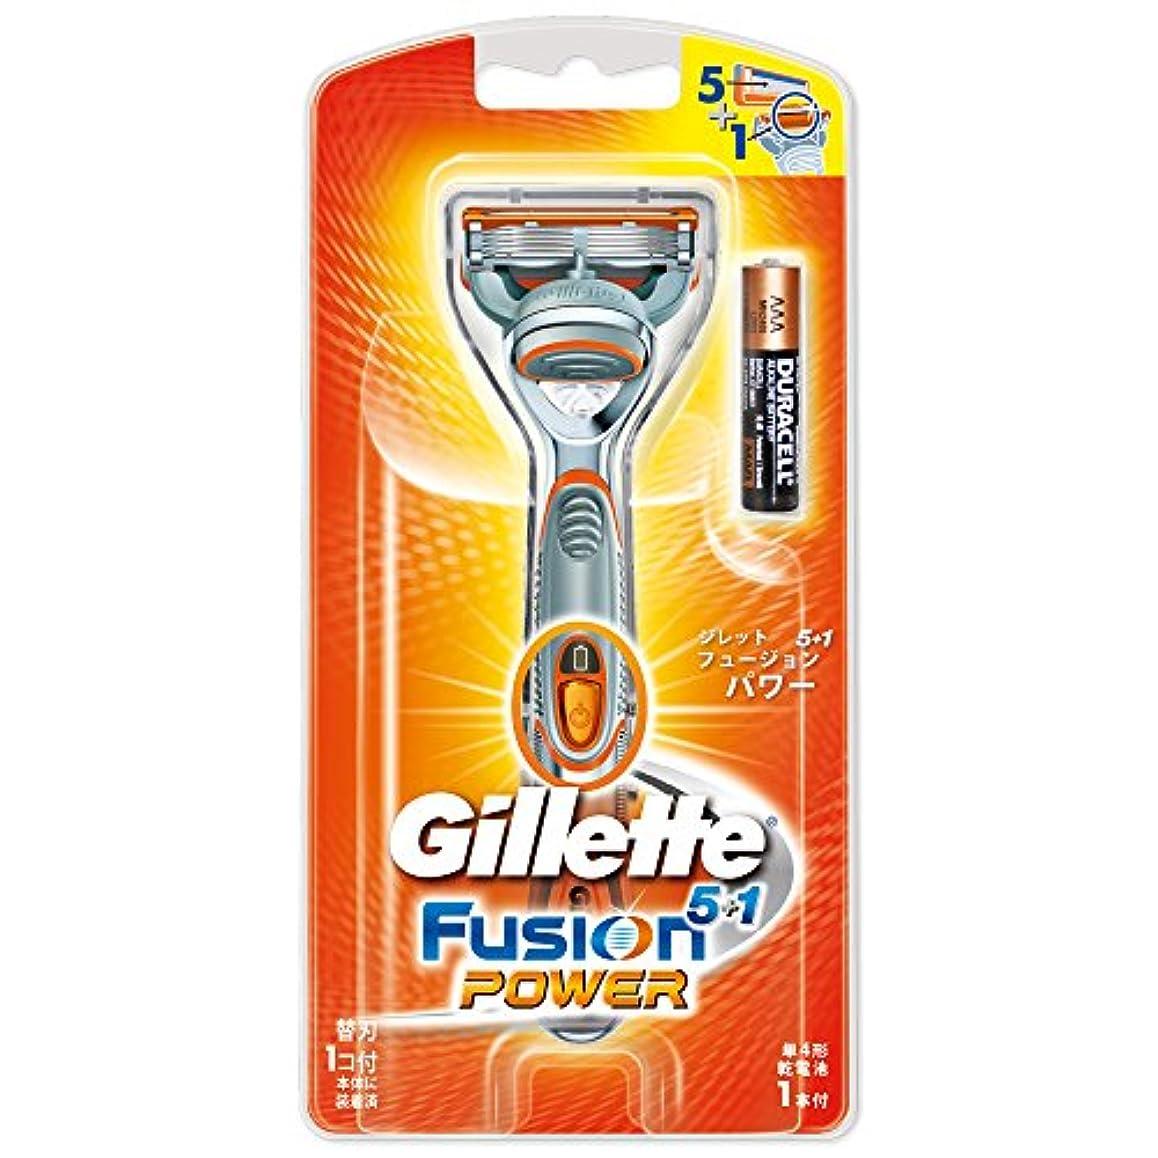 おもてなしどちらかについてジレット 髭剃り フュージョン5+1 パワー 本体